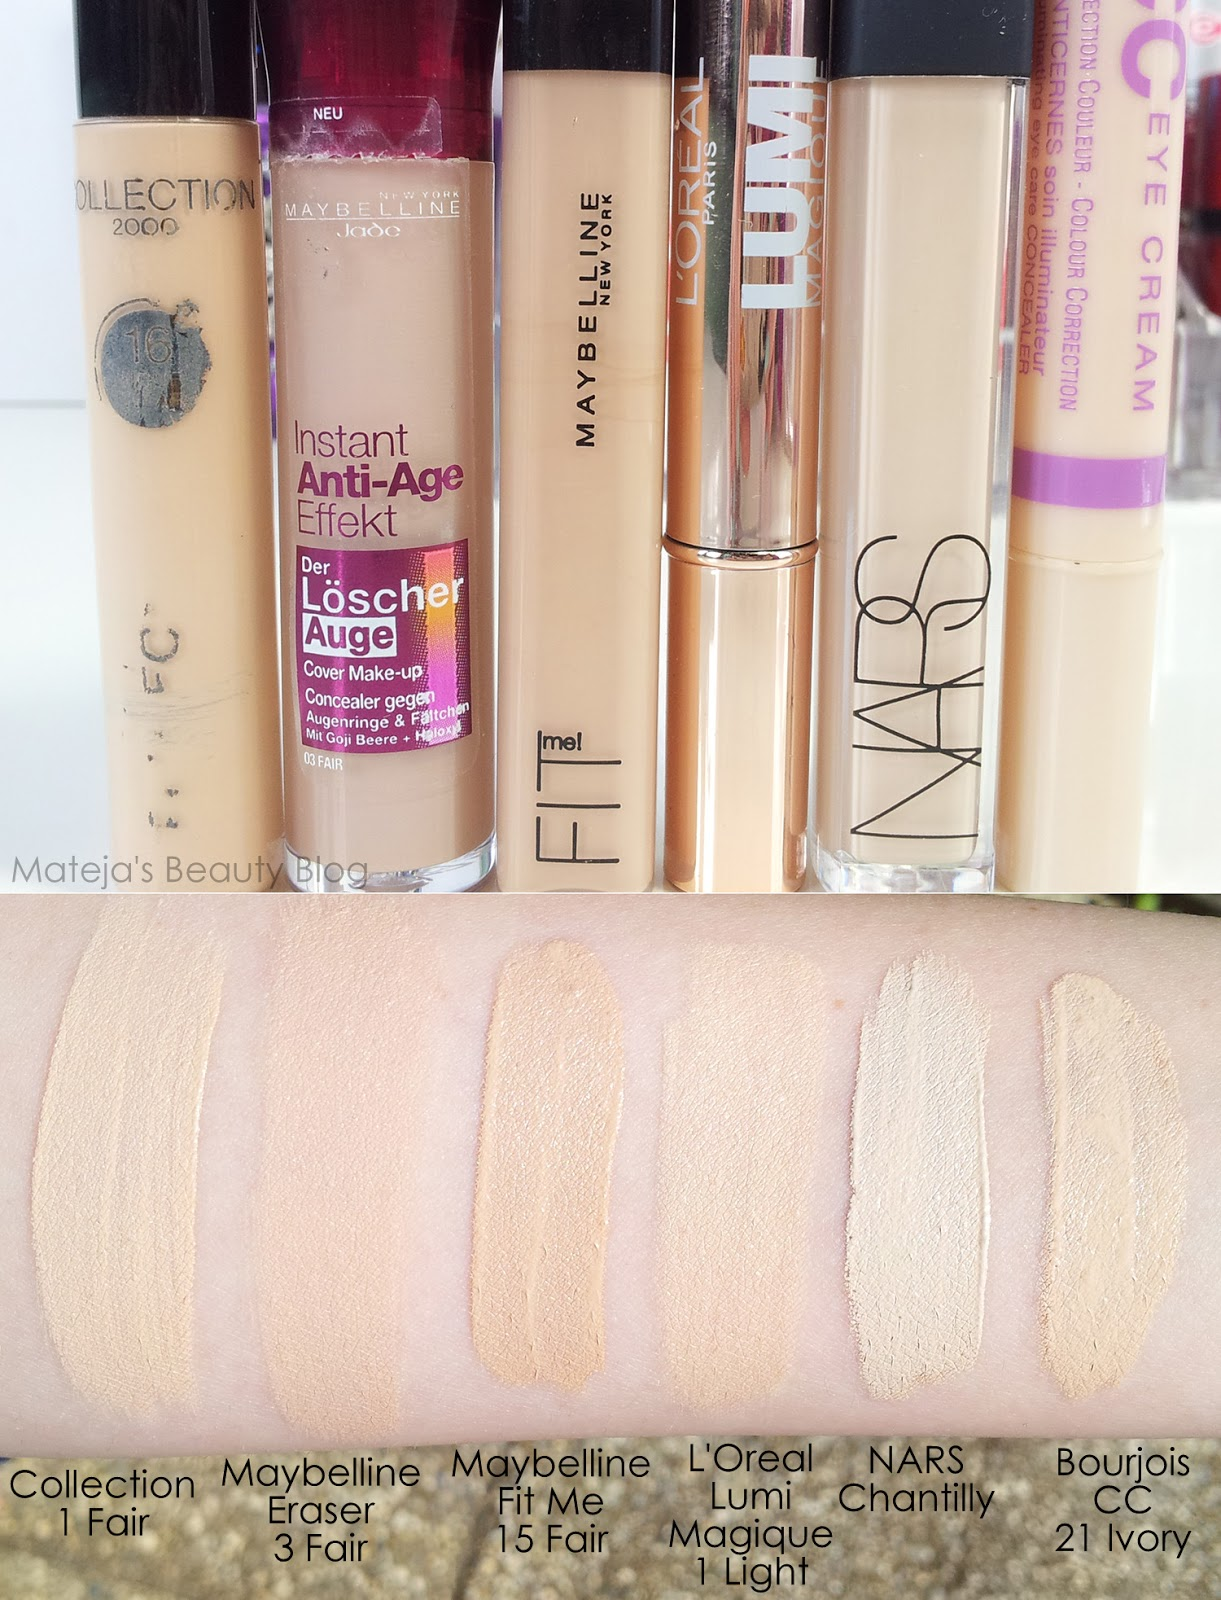 L'Oreal Lumi Magique Concealer - Mateja's Beauty Blog